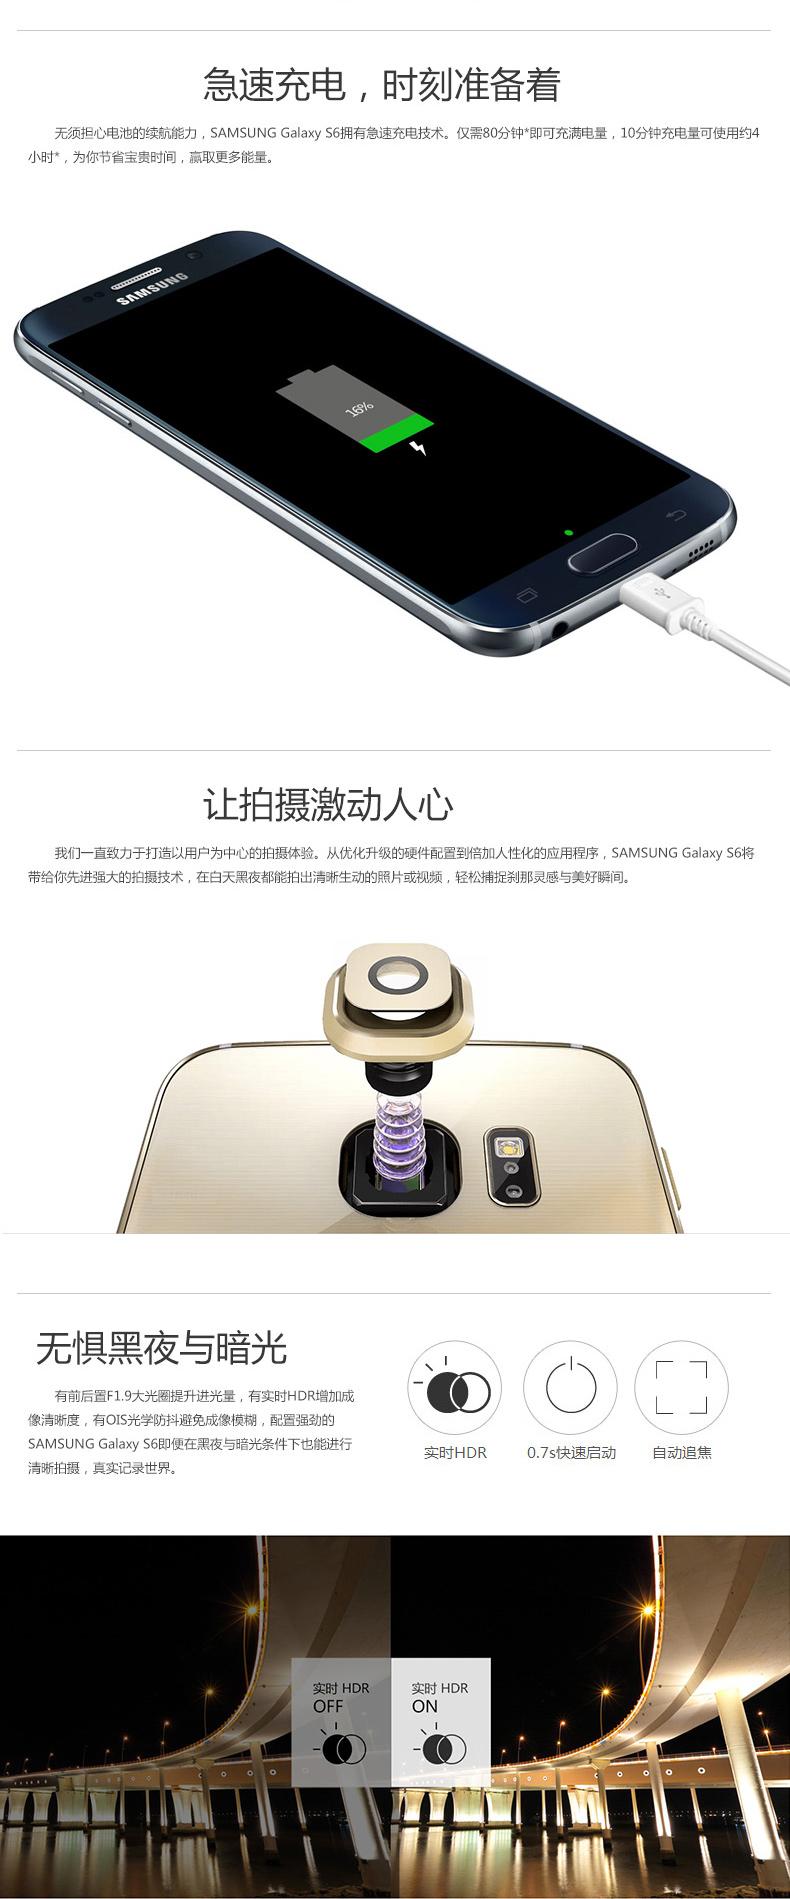 手机 4G 电信 G9209 SM S6 GALAXY 三星 Samsung 壳 送无线充 速发